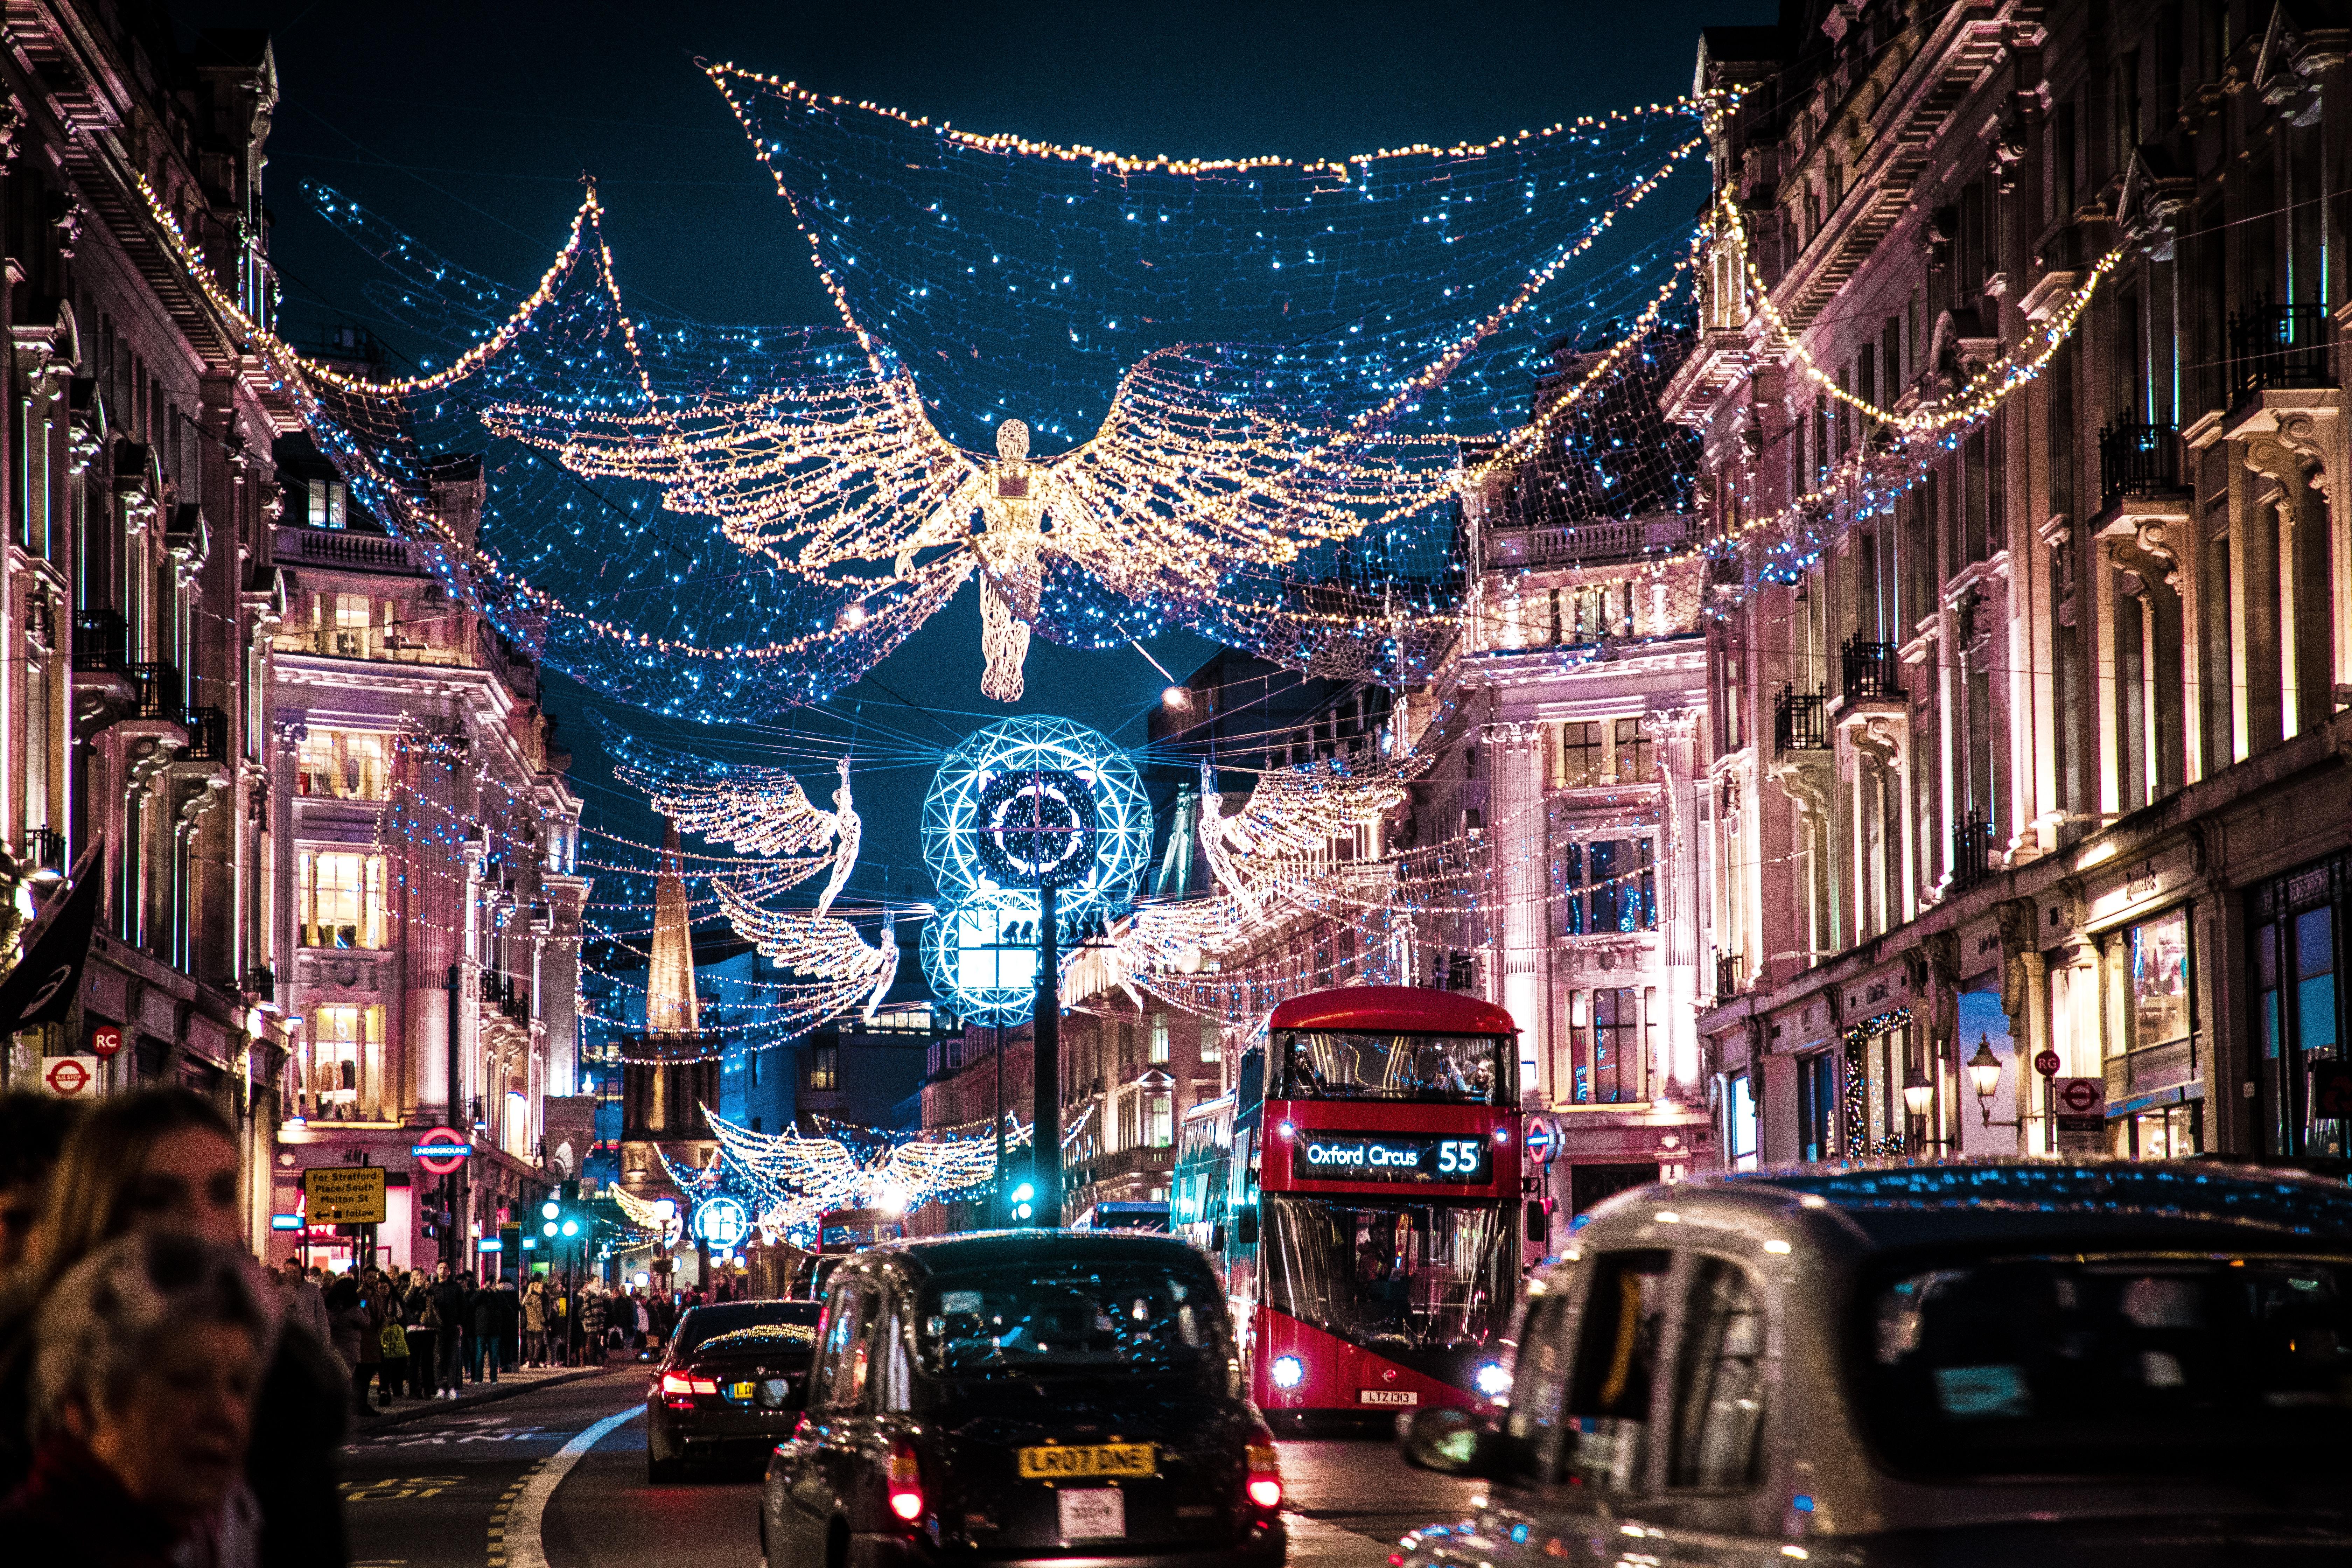 Anche se è una festa mondana, il Natale aiuta sempre ad avvicinarsi al Vangelo.